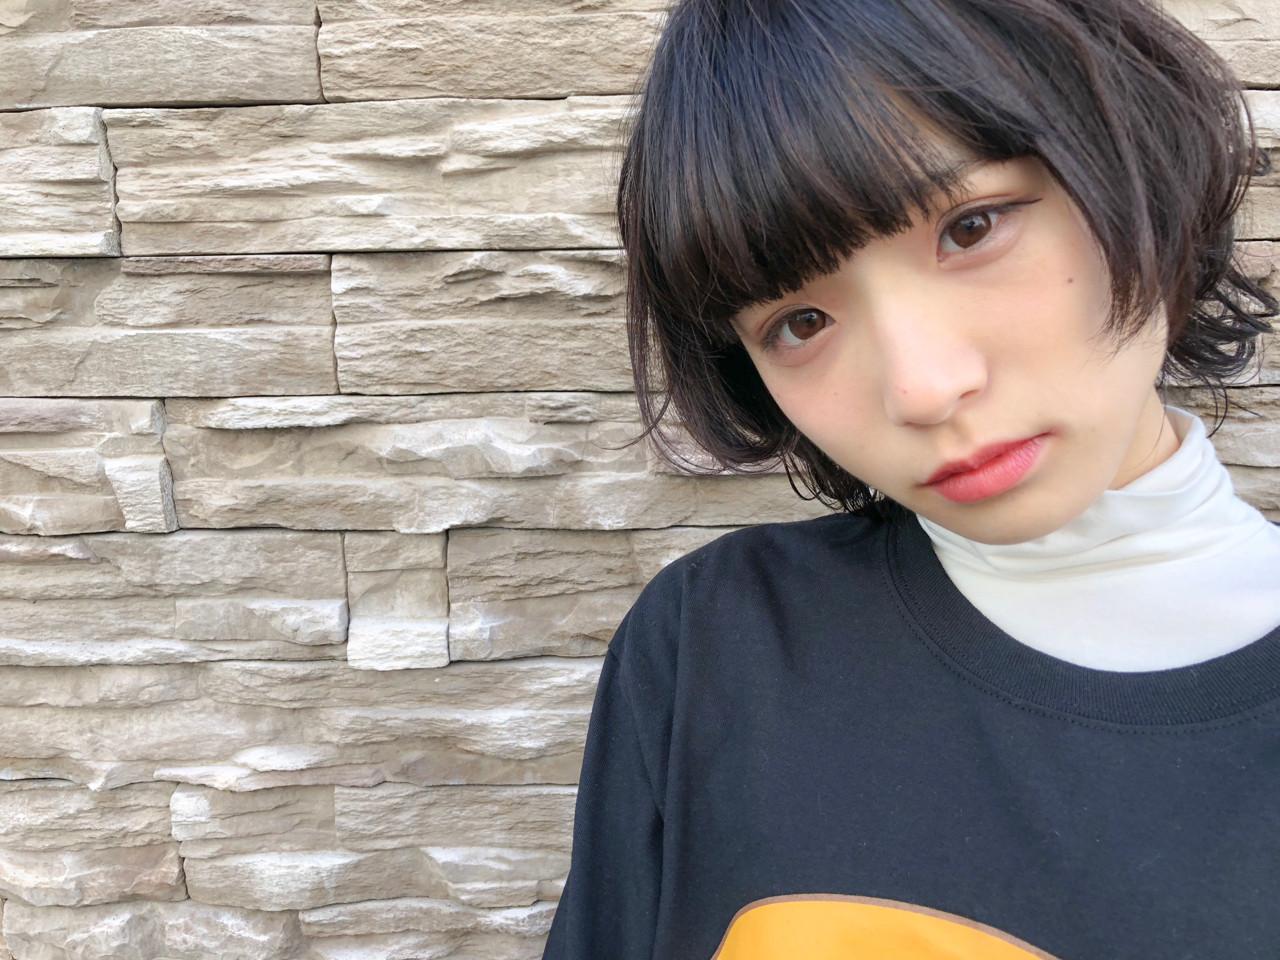 色気 ベリーショート ショート フェミニン ヘアスタイルや髪型の写真・画像